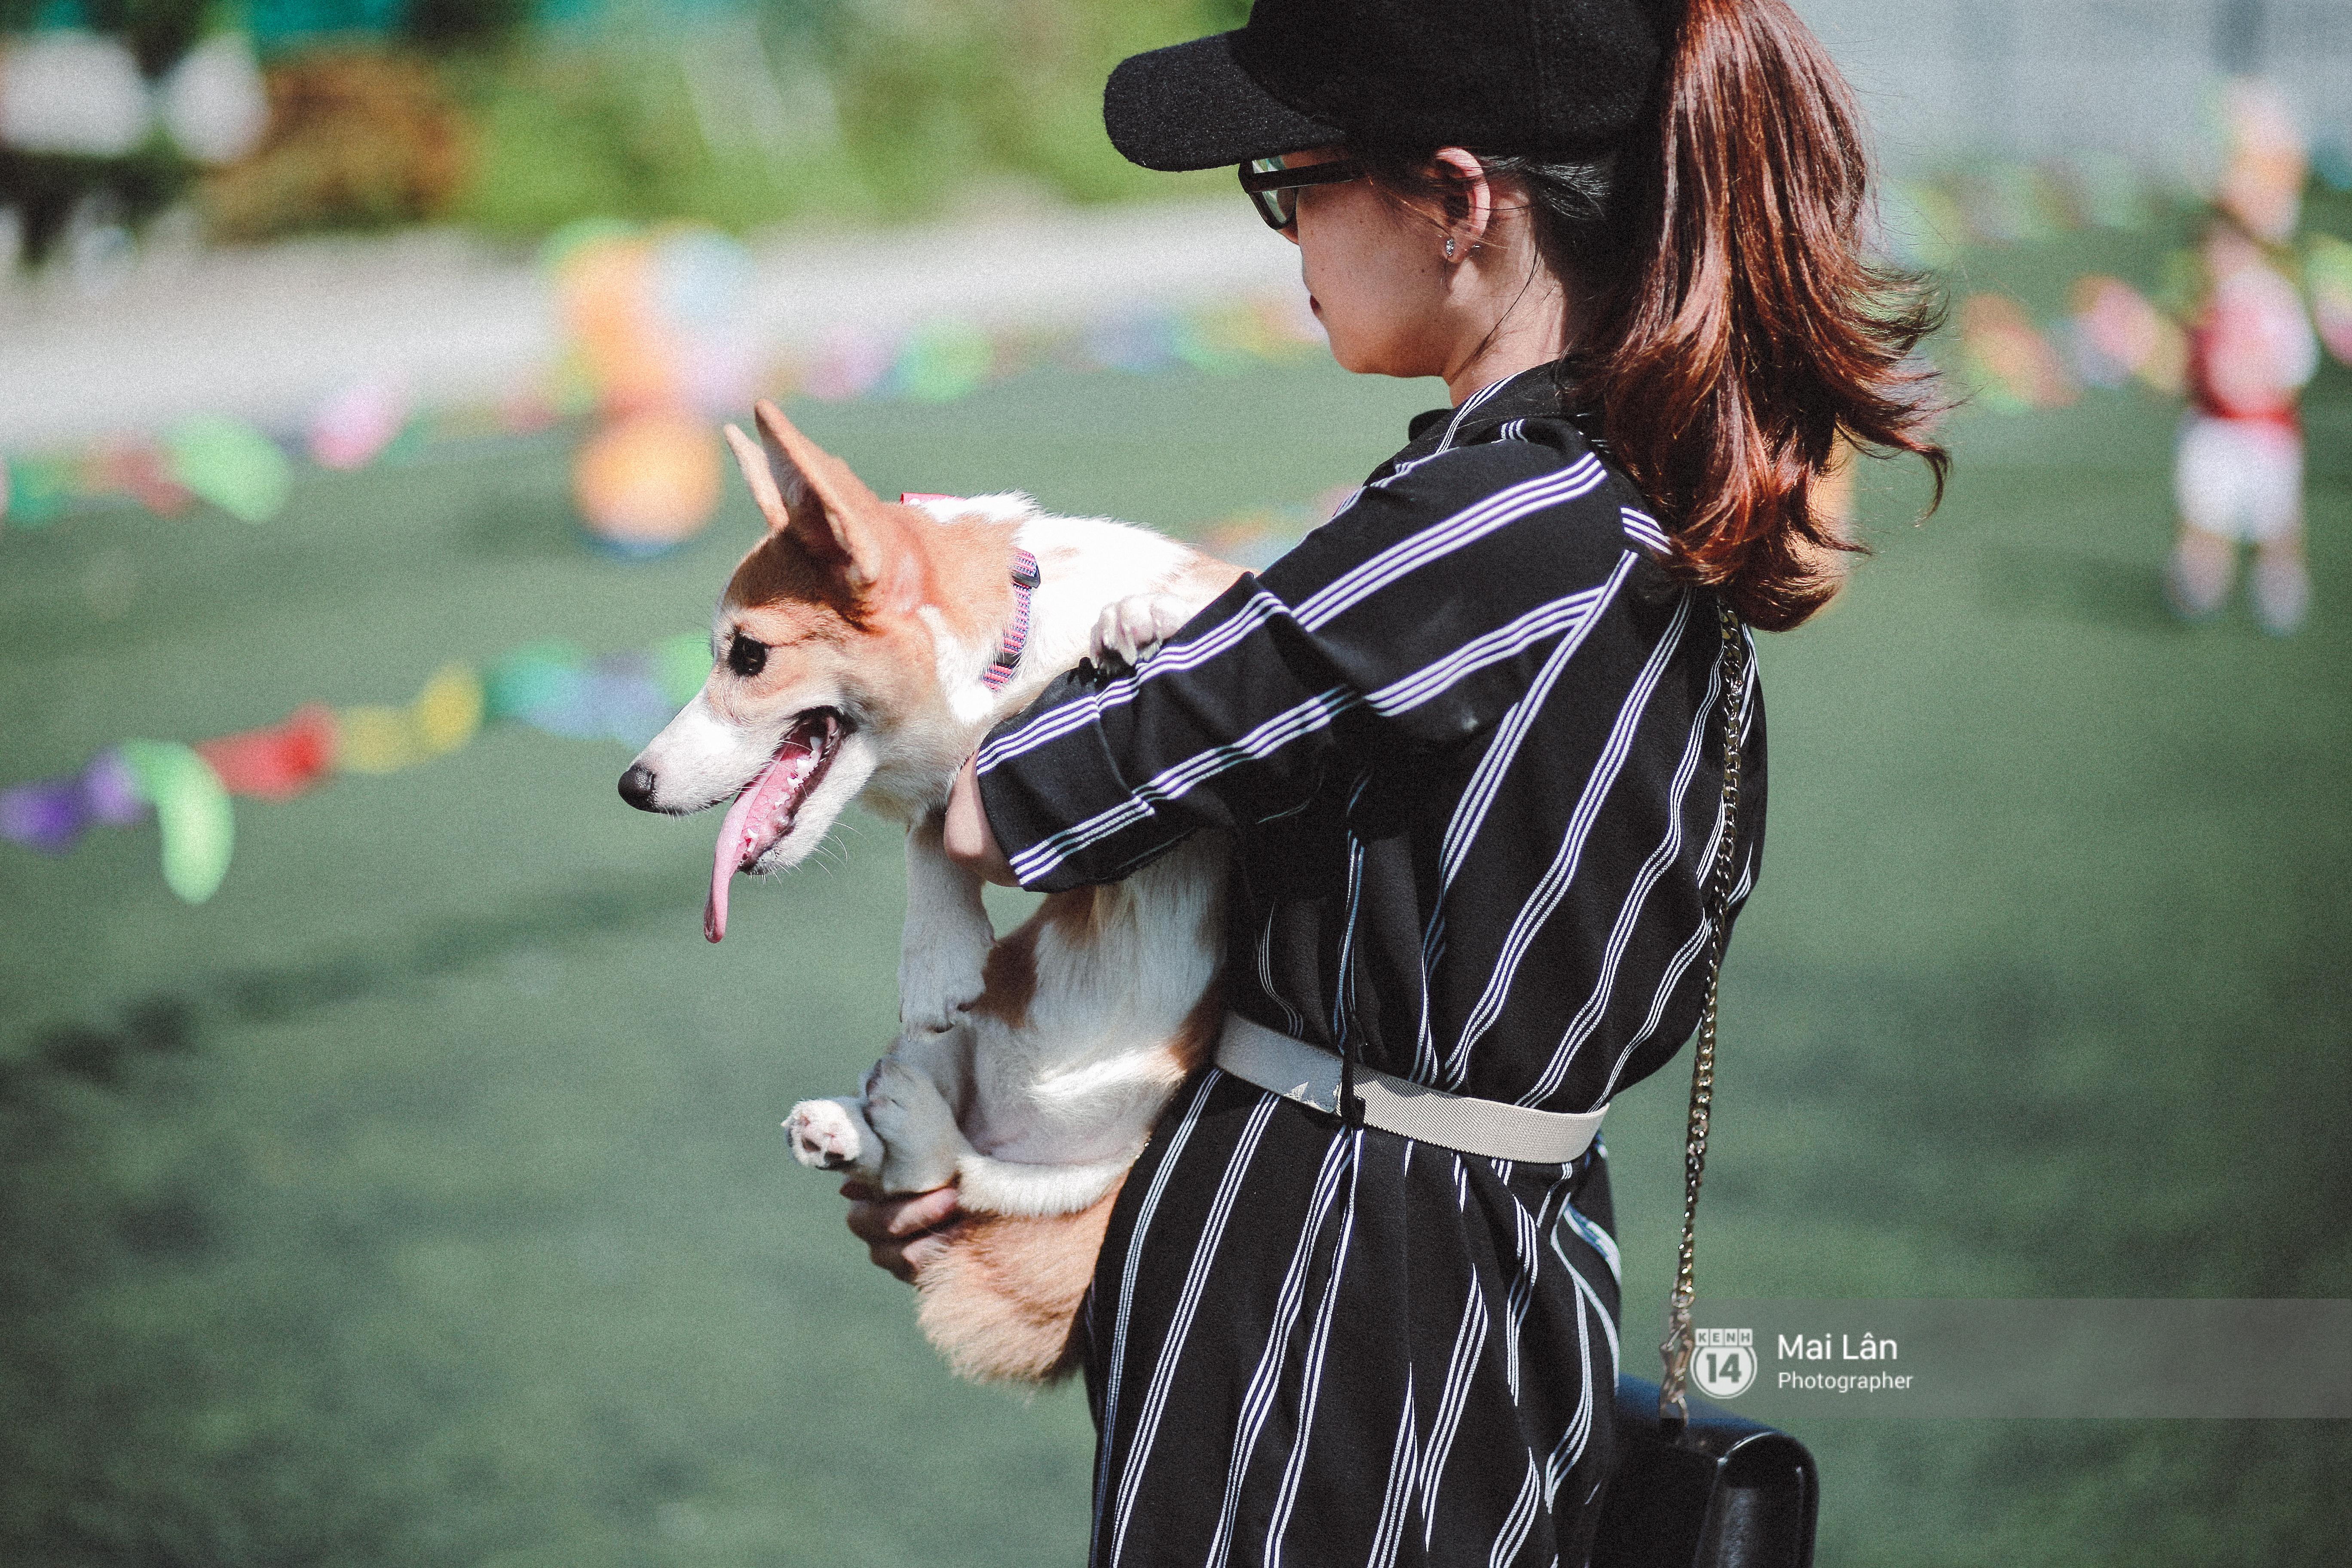 Lễ hội thể thao dành cho chủ và thú cưng độc đáo, đáng yêu nhất Hà Nội! - Ảnh 2.